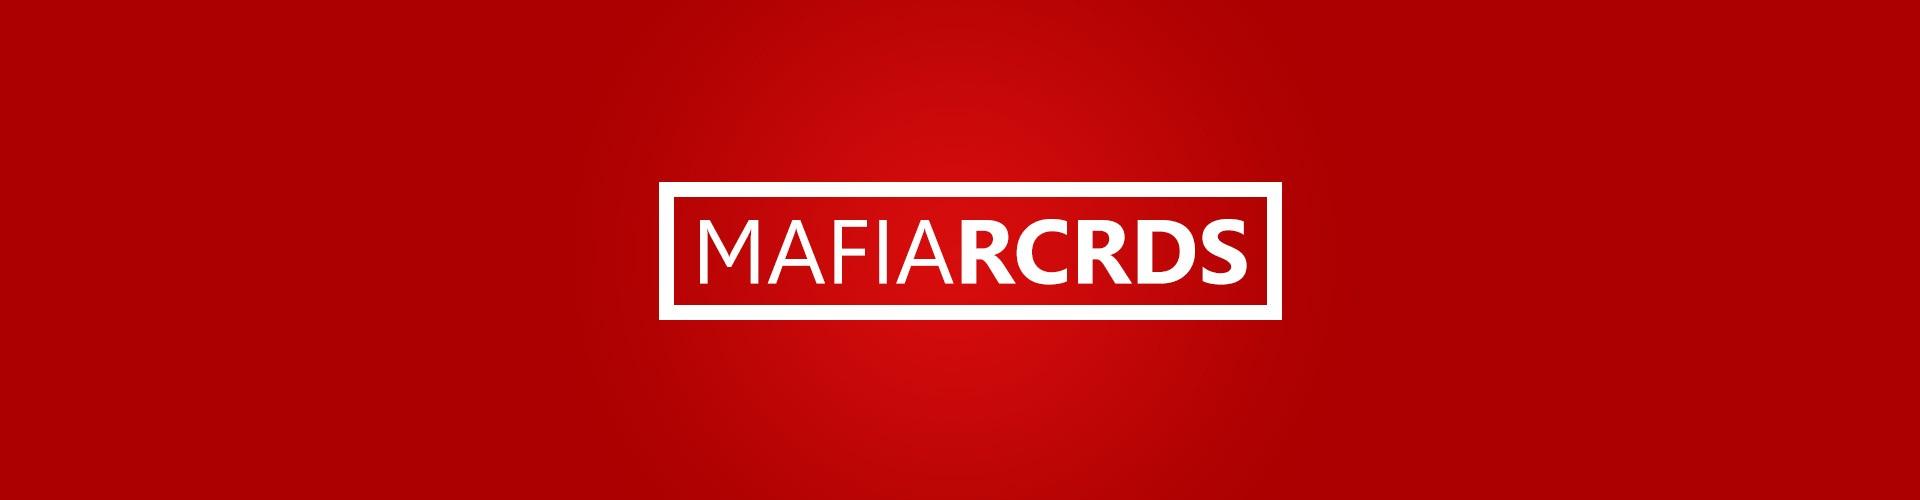 MAFIARCRDS